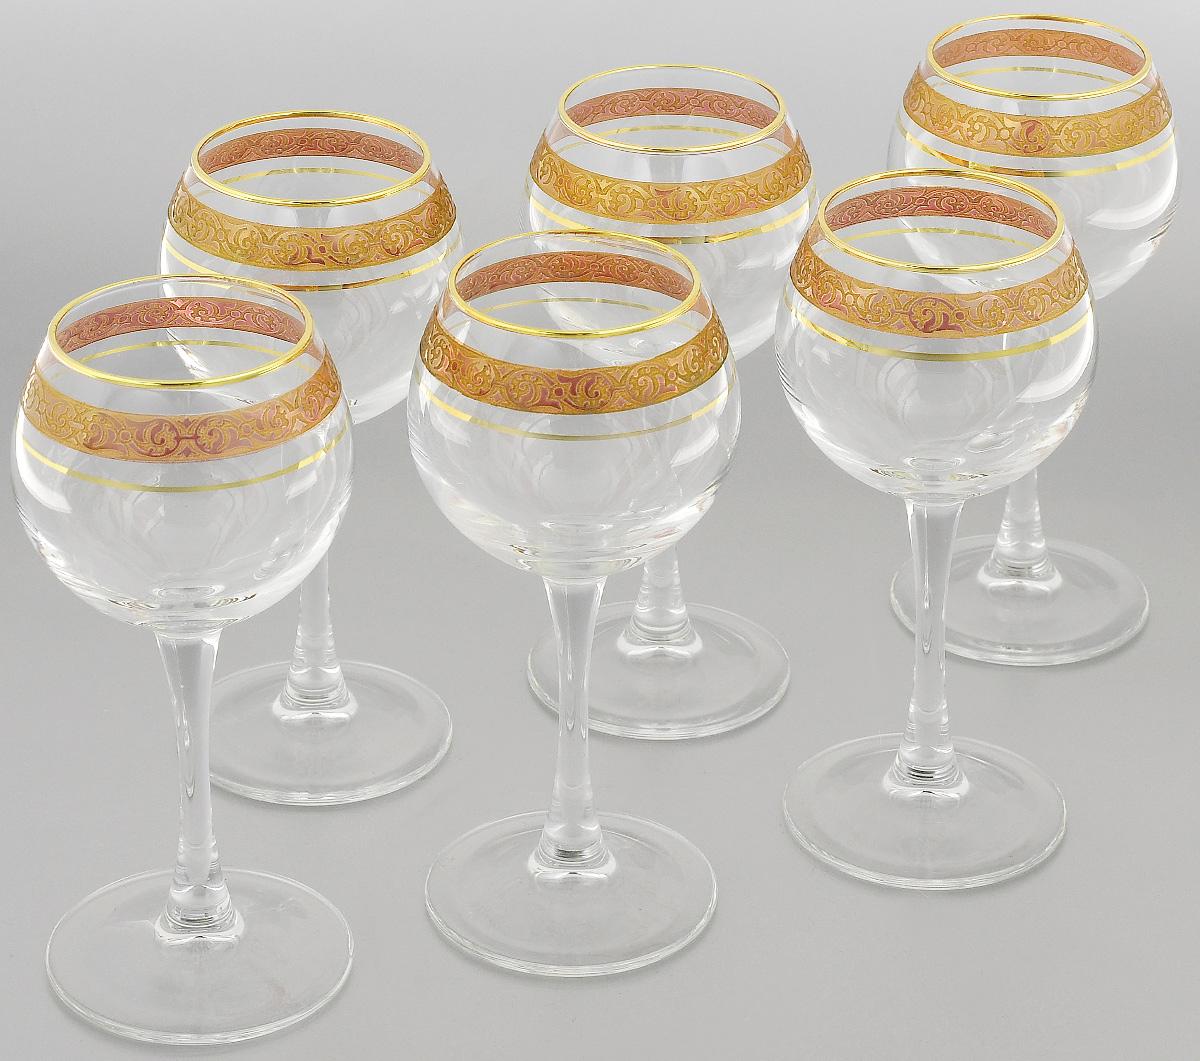 Набор фужеров Гусь-Хрустальный Махараджа, цвет: прозрачный, золотистый, розовый, 210 мл, 6 штEL52-1689КНабор Гусь-Хрустальный Махараджа состоит из 6 фужеров на изящных длинных ножках, изготовленных из высококачественного натрий-кальций-силикатного стекла. Изделия предназначены для подачи холодных напитков, вина и многого другого. Фужеры оформлены красивым зеркальным покрытием с матовым орнаментом. Такой набор прекрасно дополнит праздничный стол и станет желанным подарком в любом доме. Разрешается мыть в посудомоечной машине. Диаметр фужера (по верхнему краю): 5,5 см. Высота фужера: 17 см.